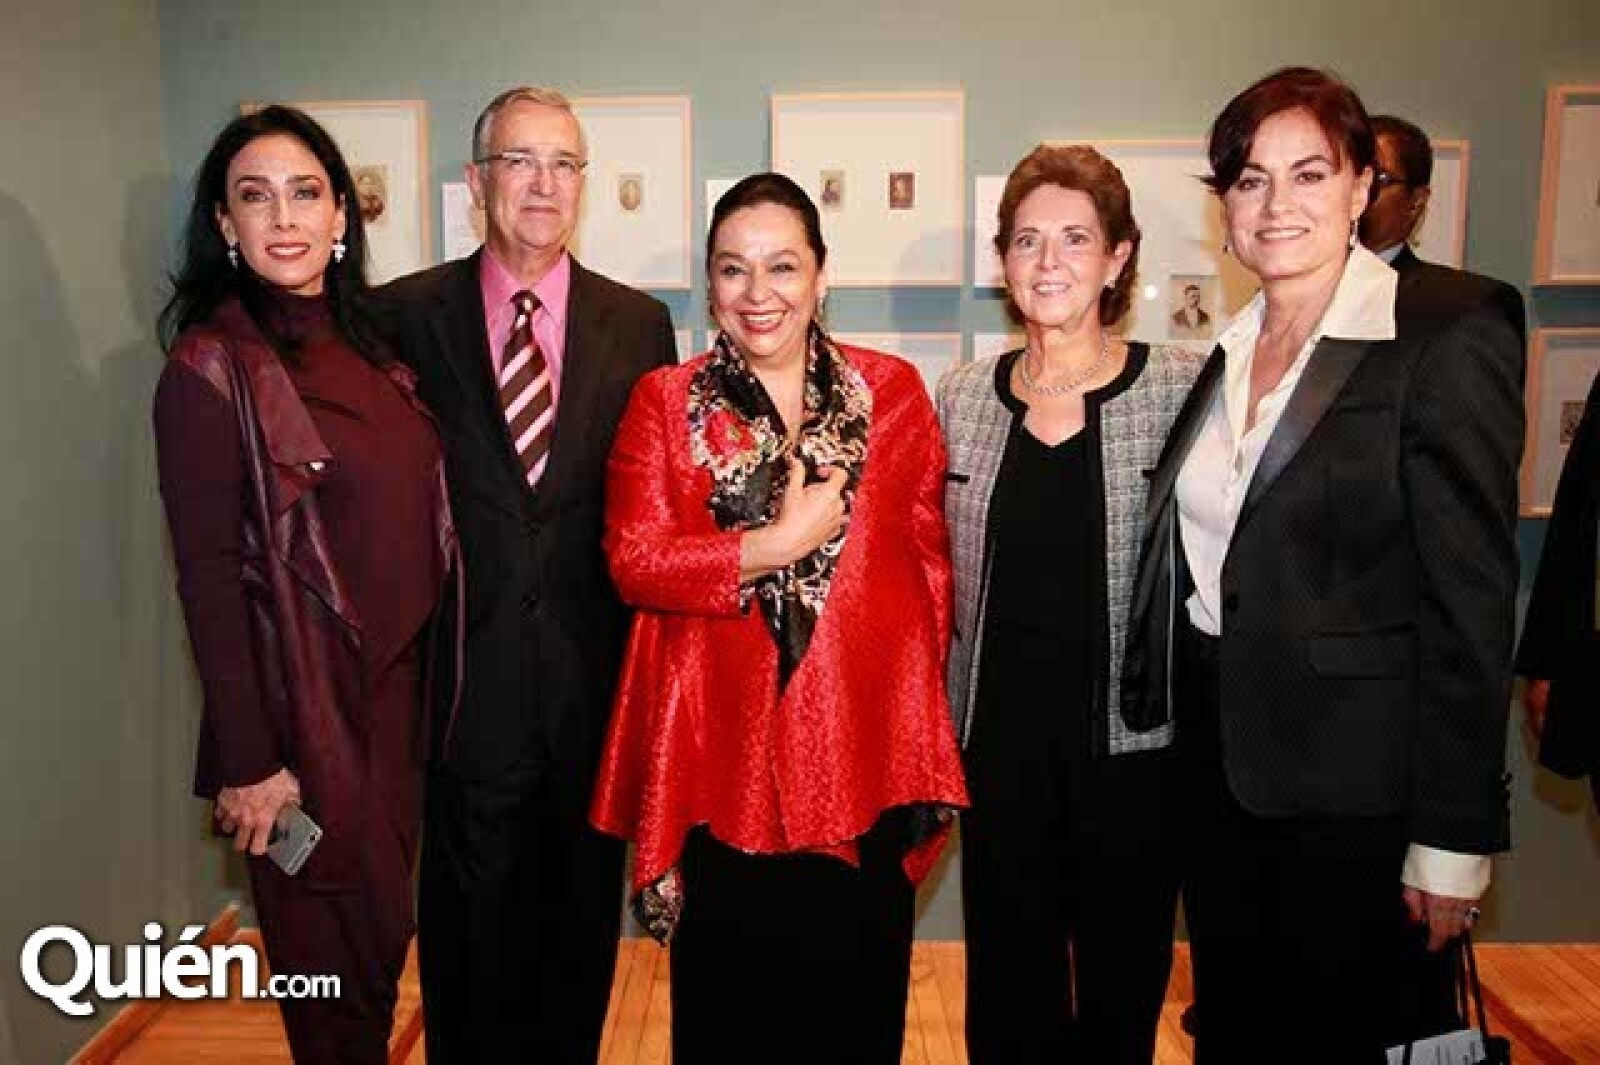 María Laura y Ricardo Salinas,Carmen Gaytán,María Cristina Cepeda y Mercedes Garcia Ocejo